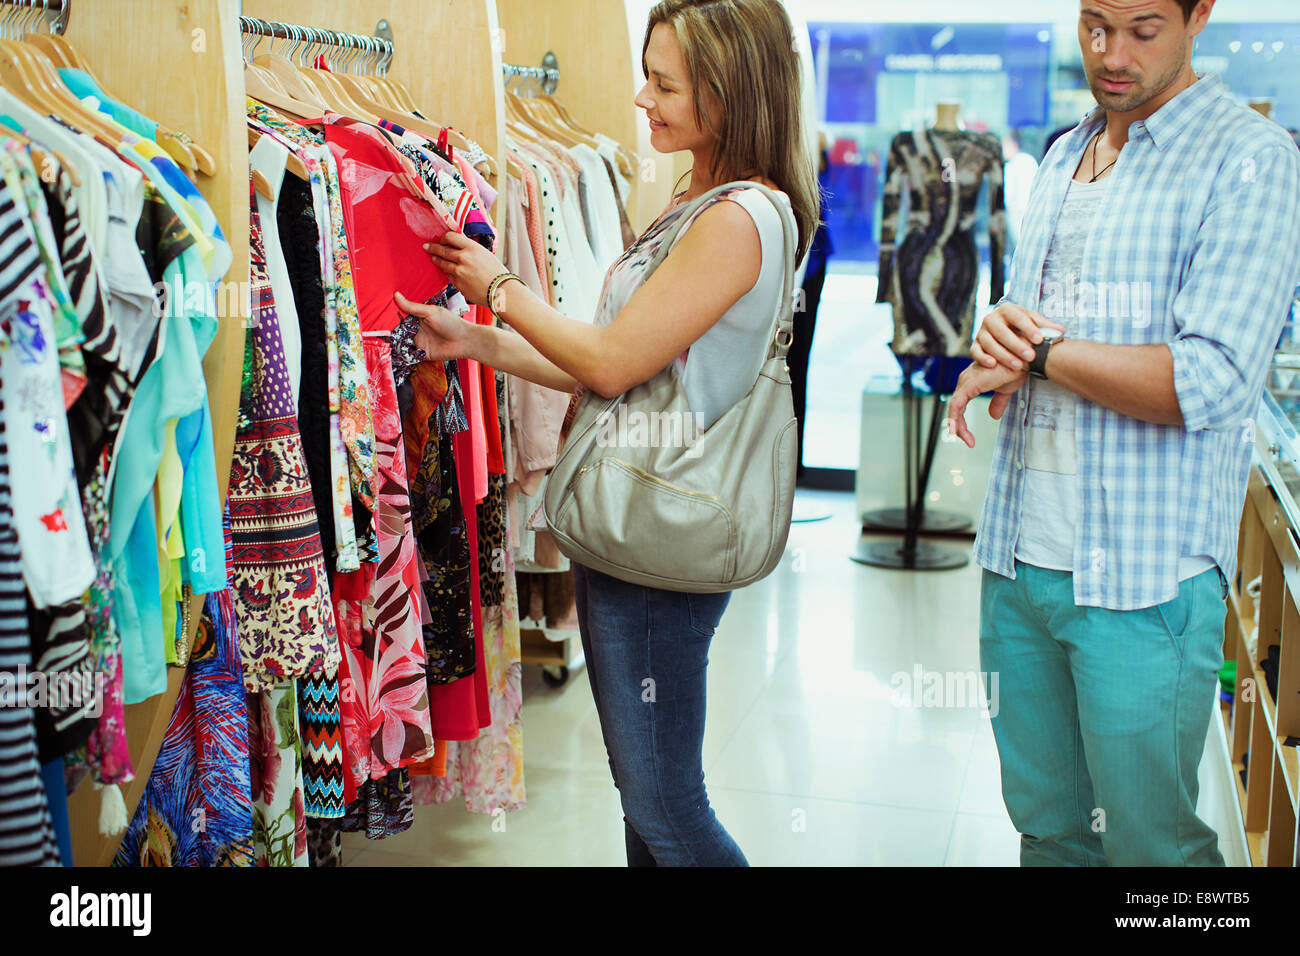 5b1f1bbe6705f Hombre aburrido ir de compras con mi novia en la tienda de ropa Foto ...